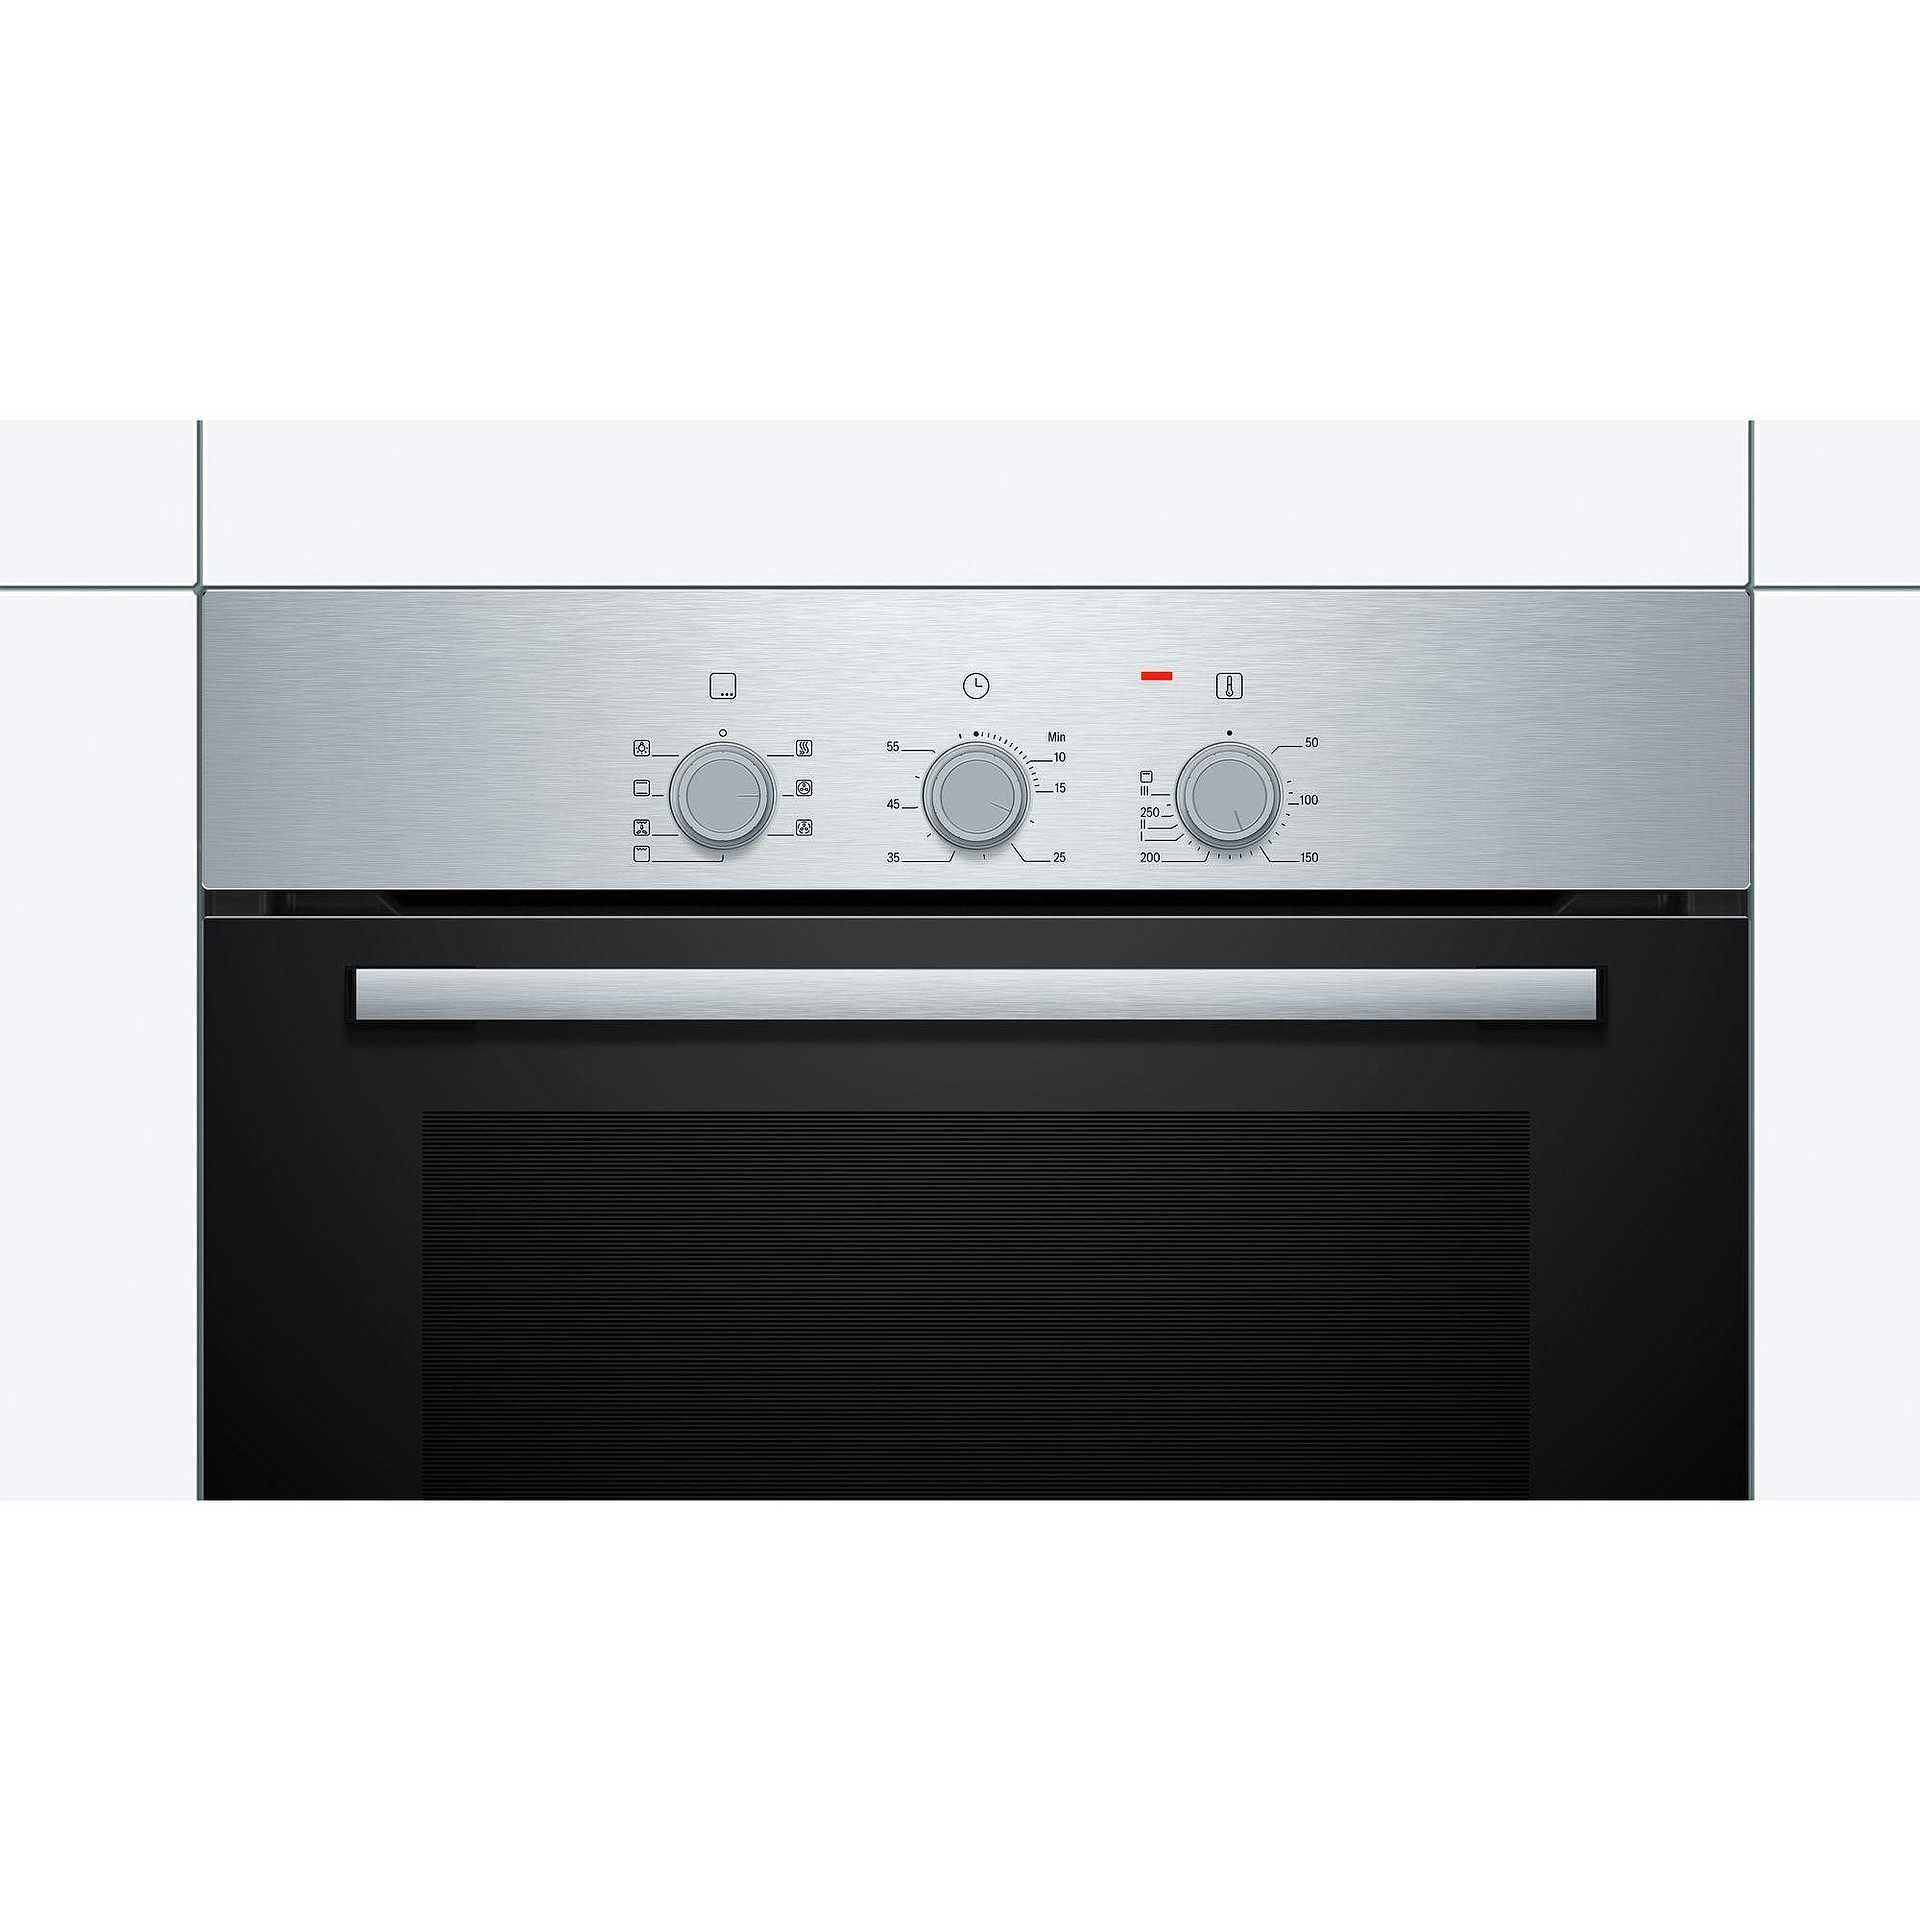 Schemi Elettrici Lavatrici Bosch : Bosch hbf011br0j forno elettrico multifunzione ventilato da incasso